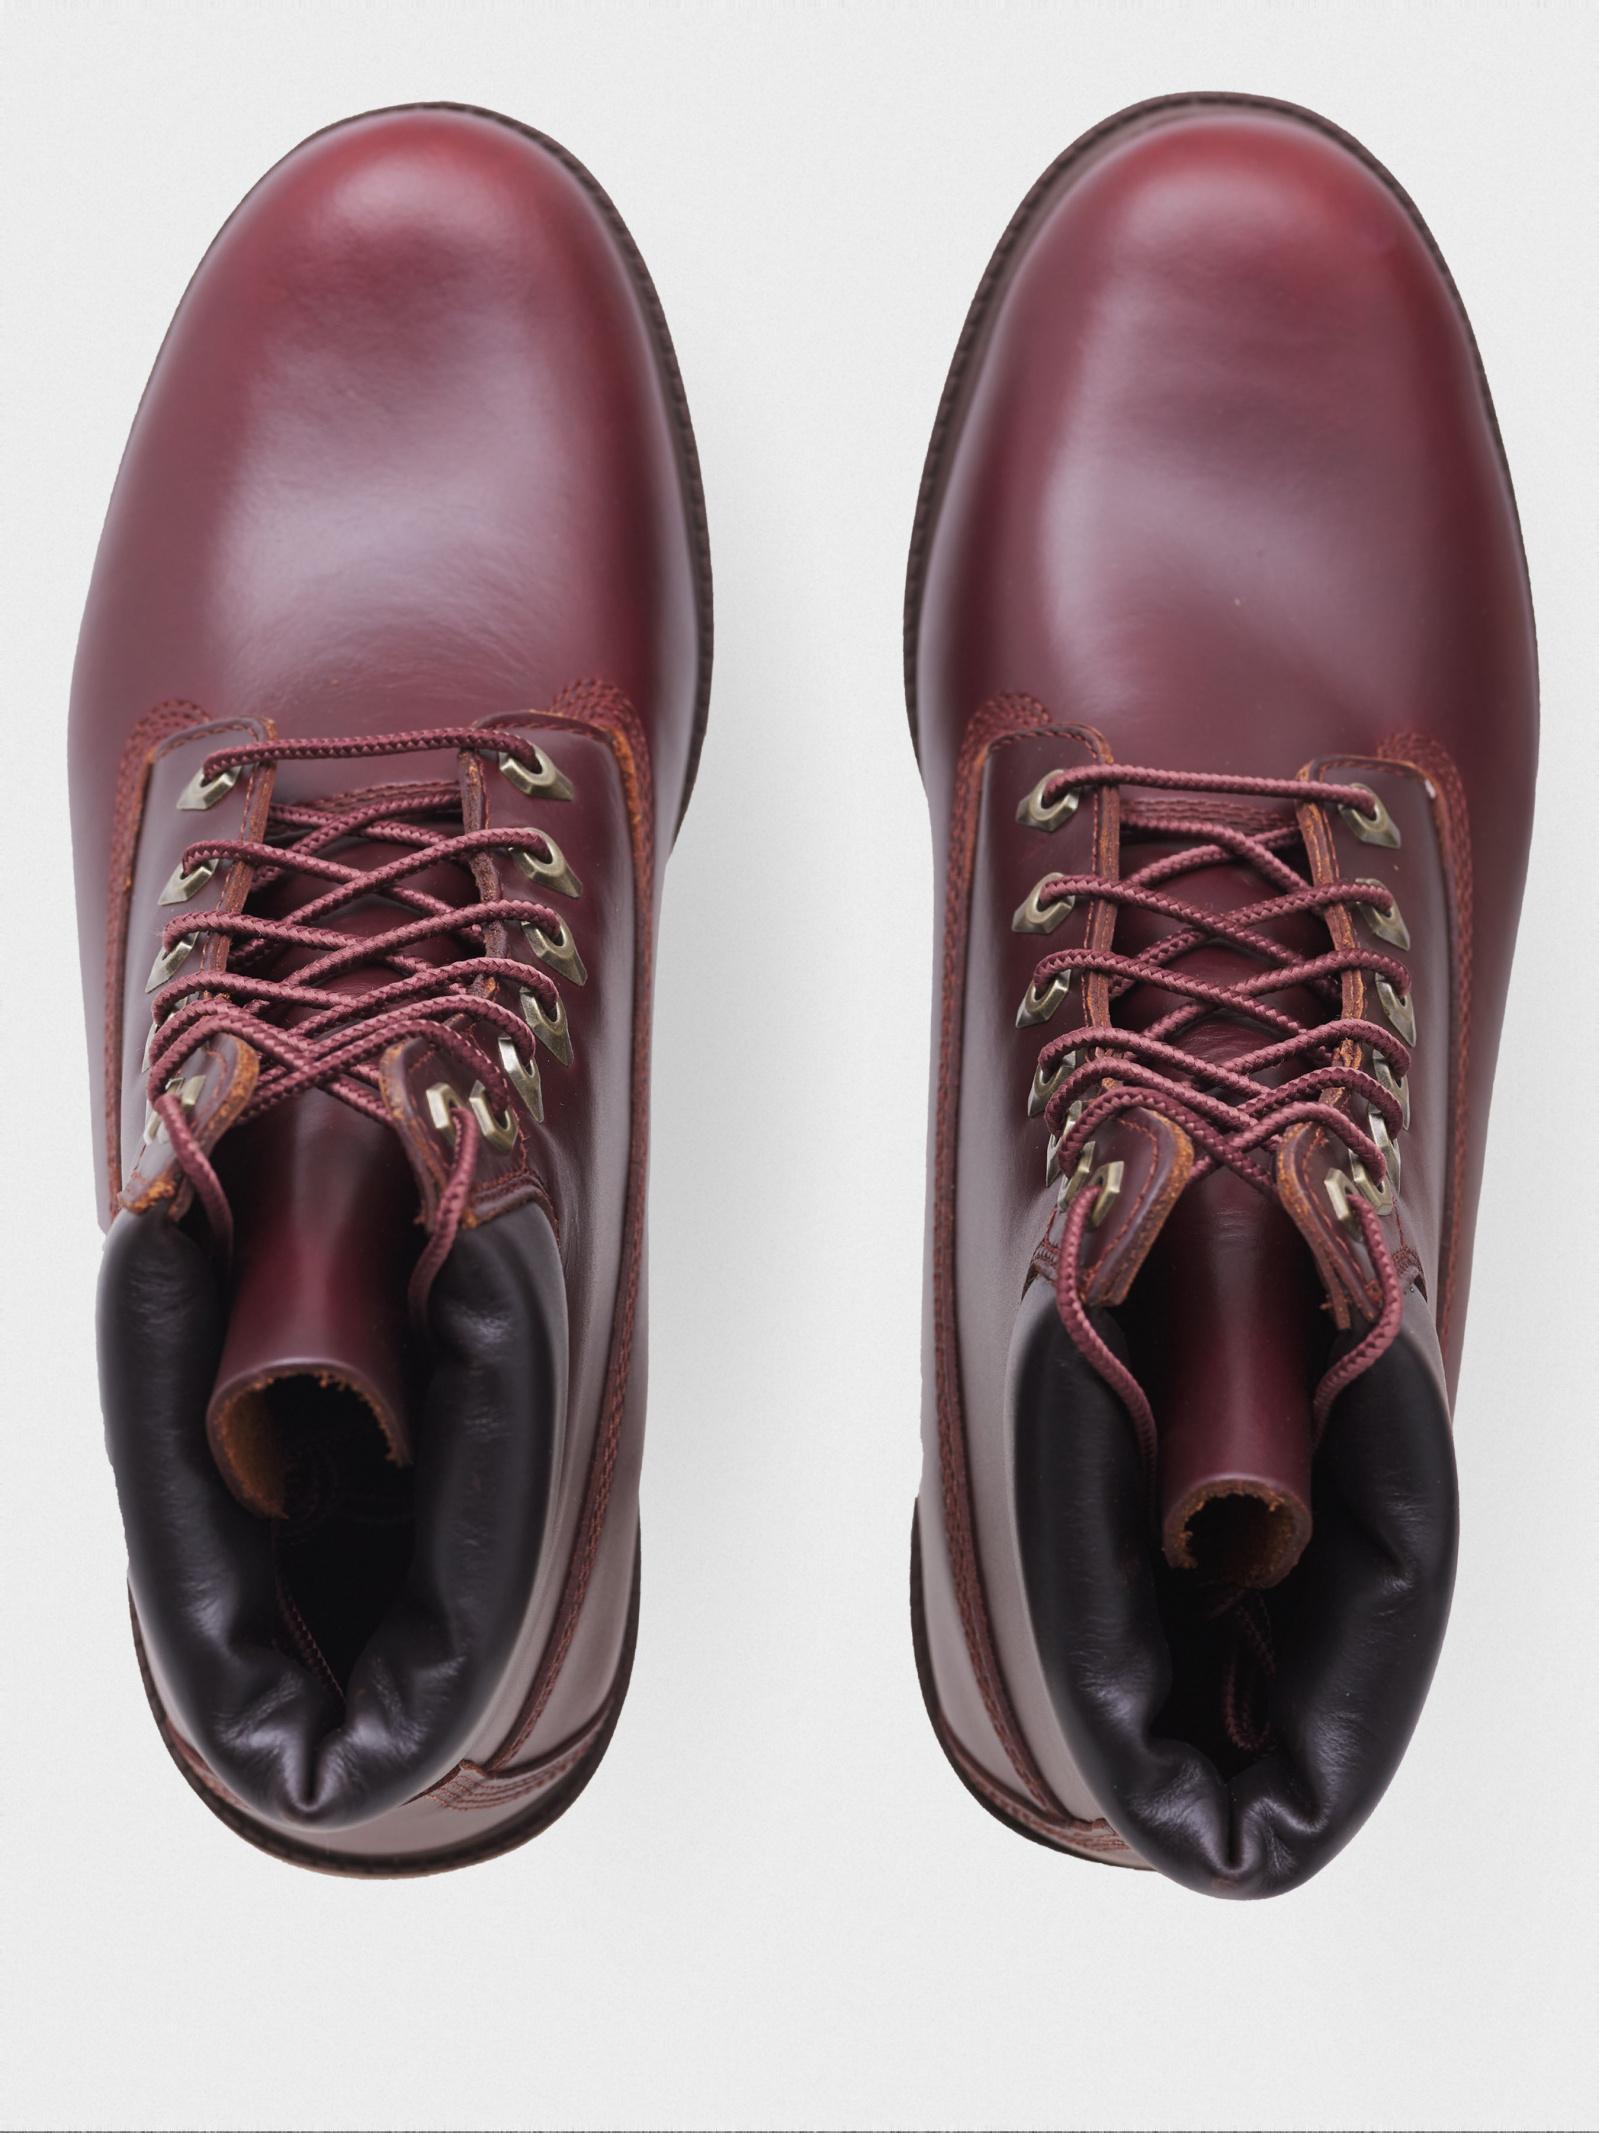 Ботинки для мужчин Timberland Timberland Heritage TF4055 цена, 2017